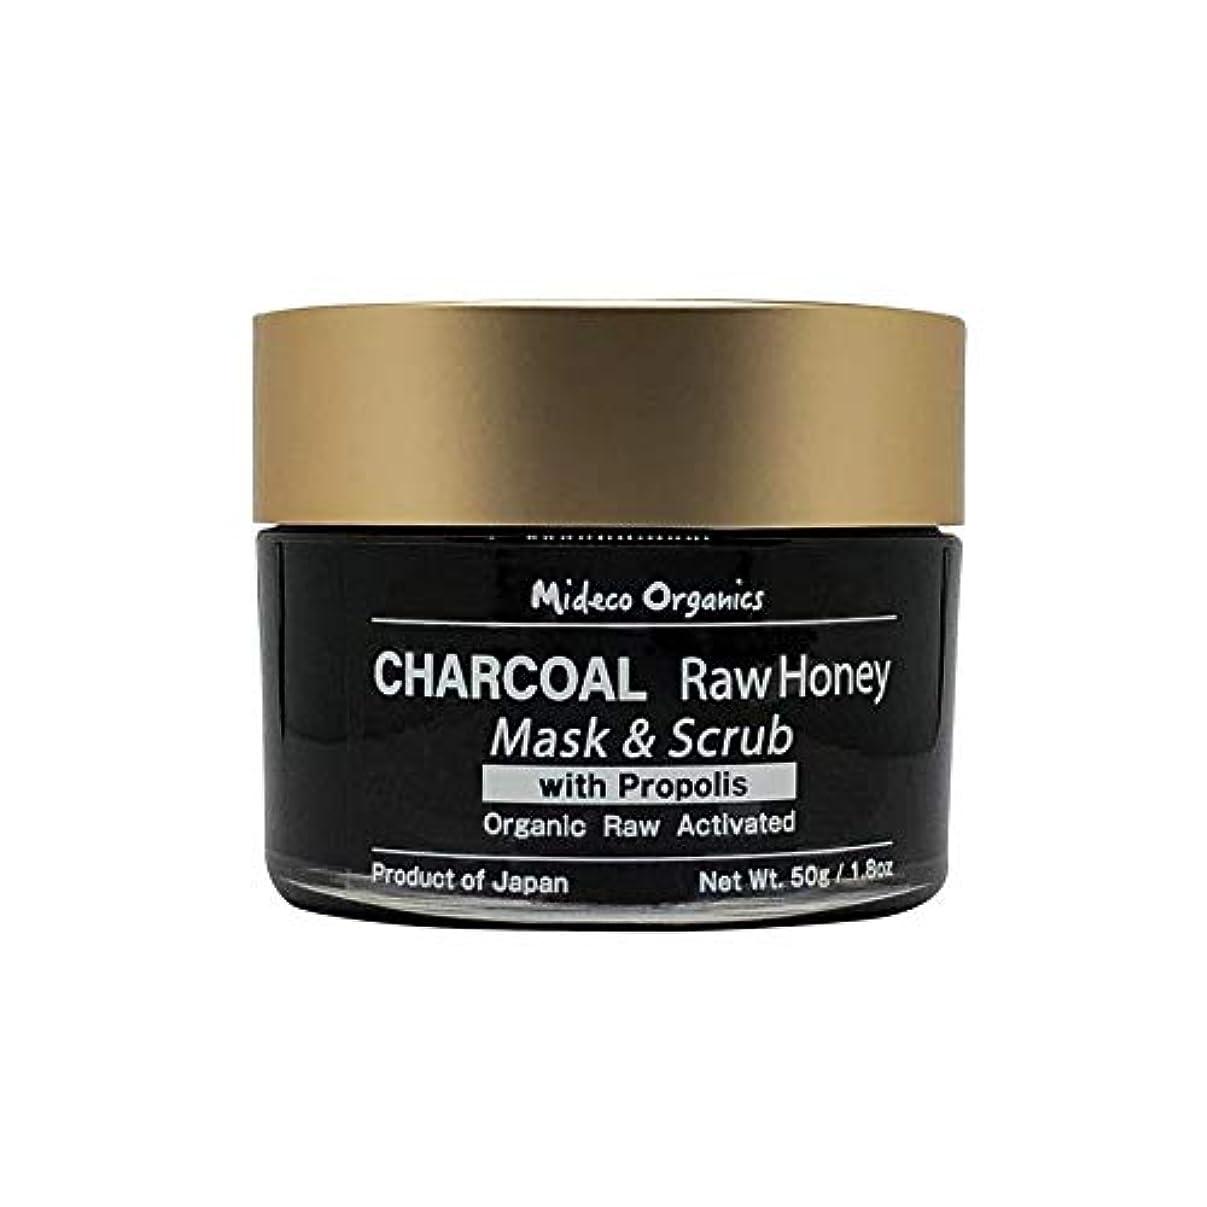 オープナー相関する困ったオーガニック?チャコール ローハニー フェイスマスク Organic Charcoal and Honey Face Mask and Scrub